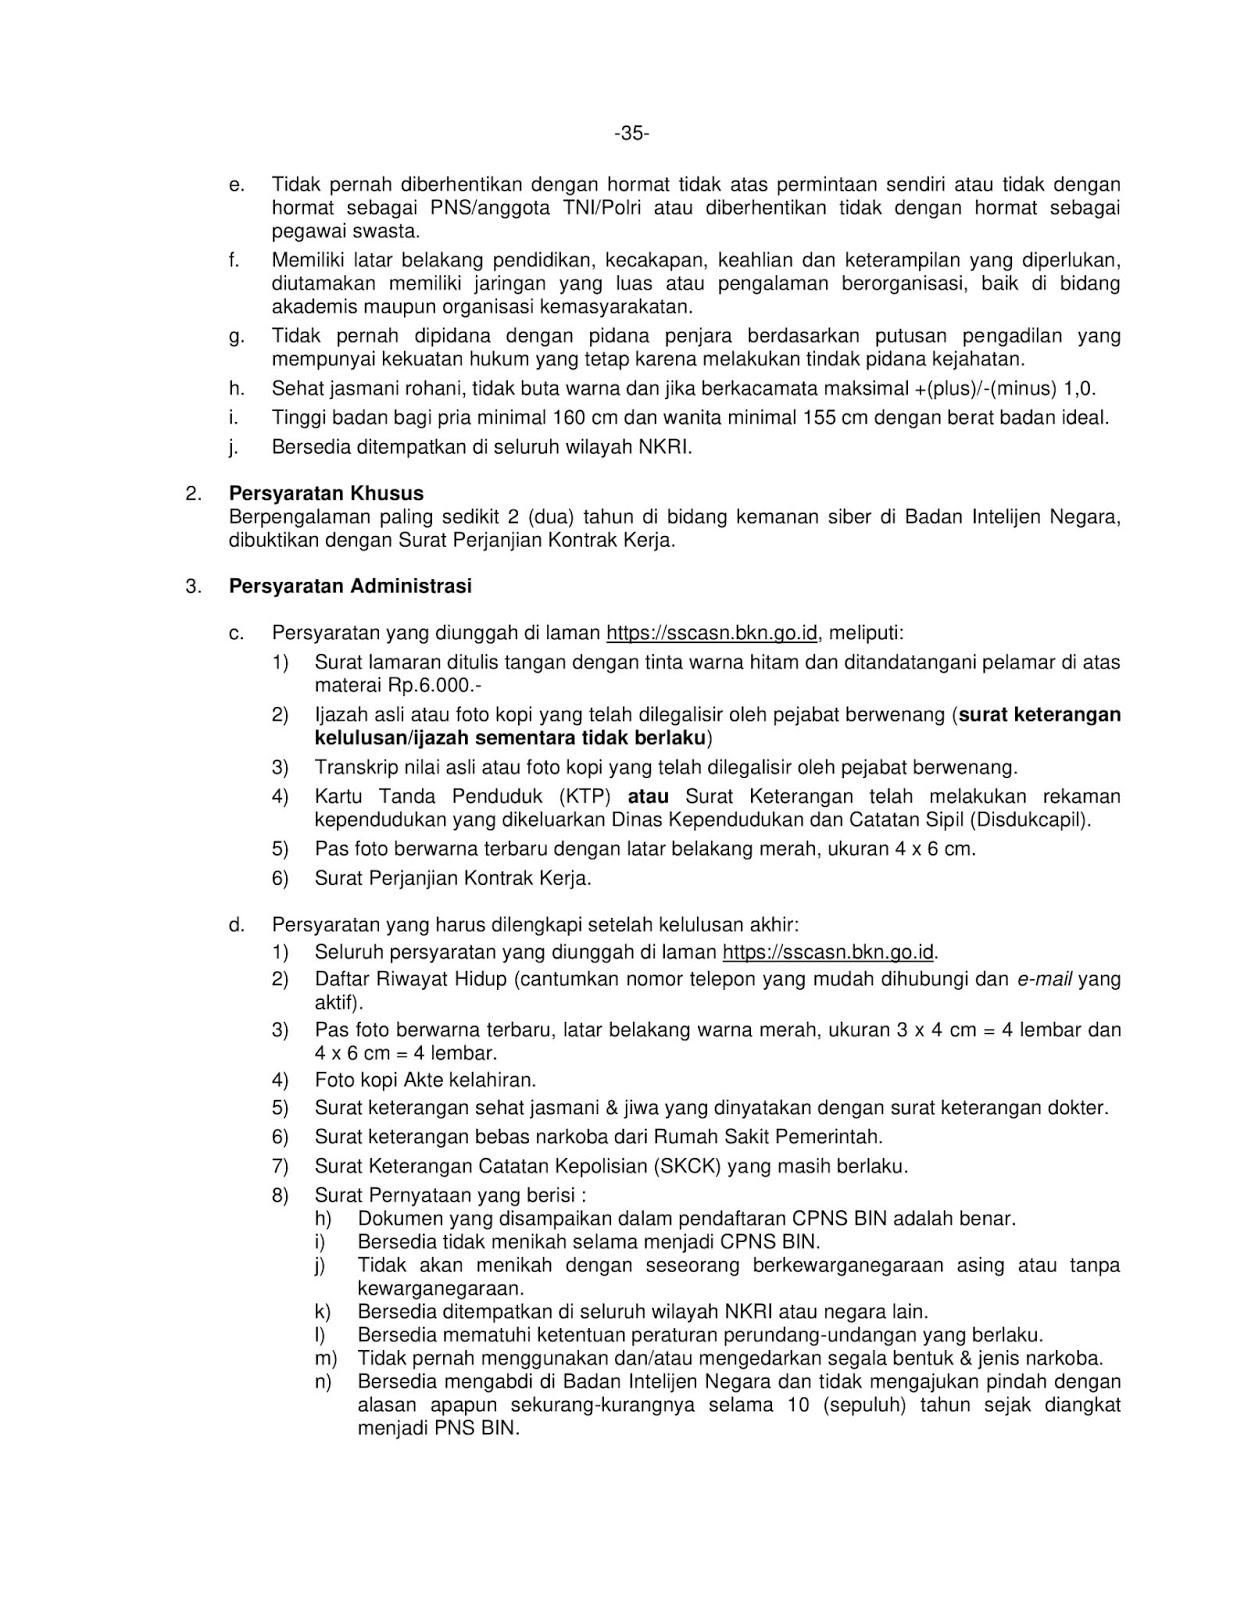 Lowongan Kerja Cpns Badan Intelijen Negara Tahun Anggaran 2019 721 Formasi Rekrutmen Lowongan Kerja Bulan Januari 2021